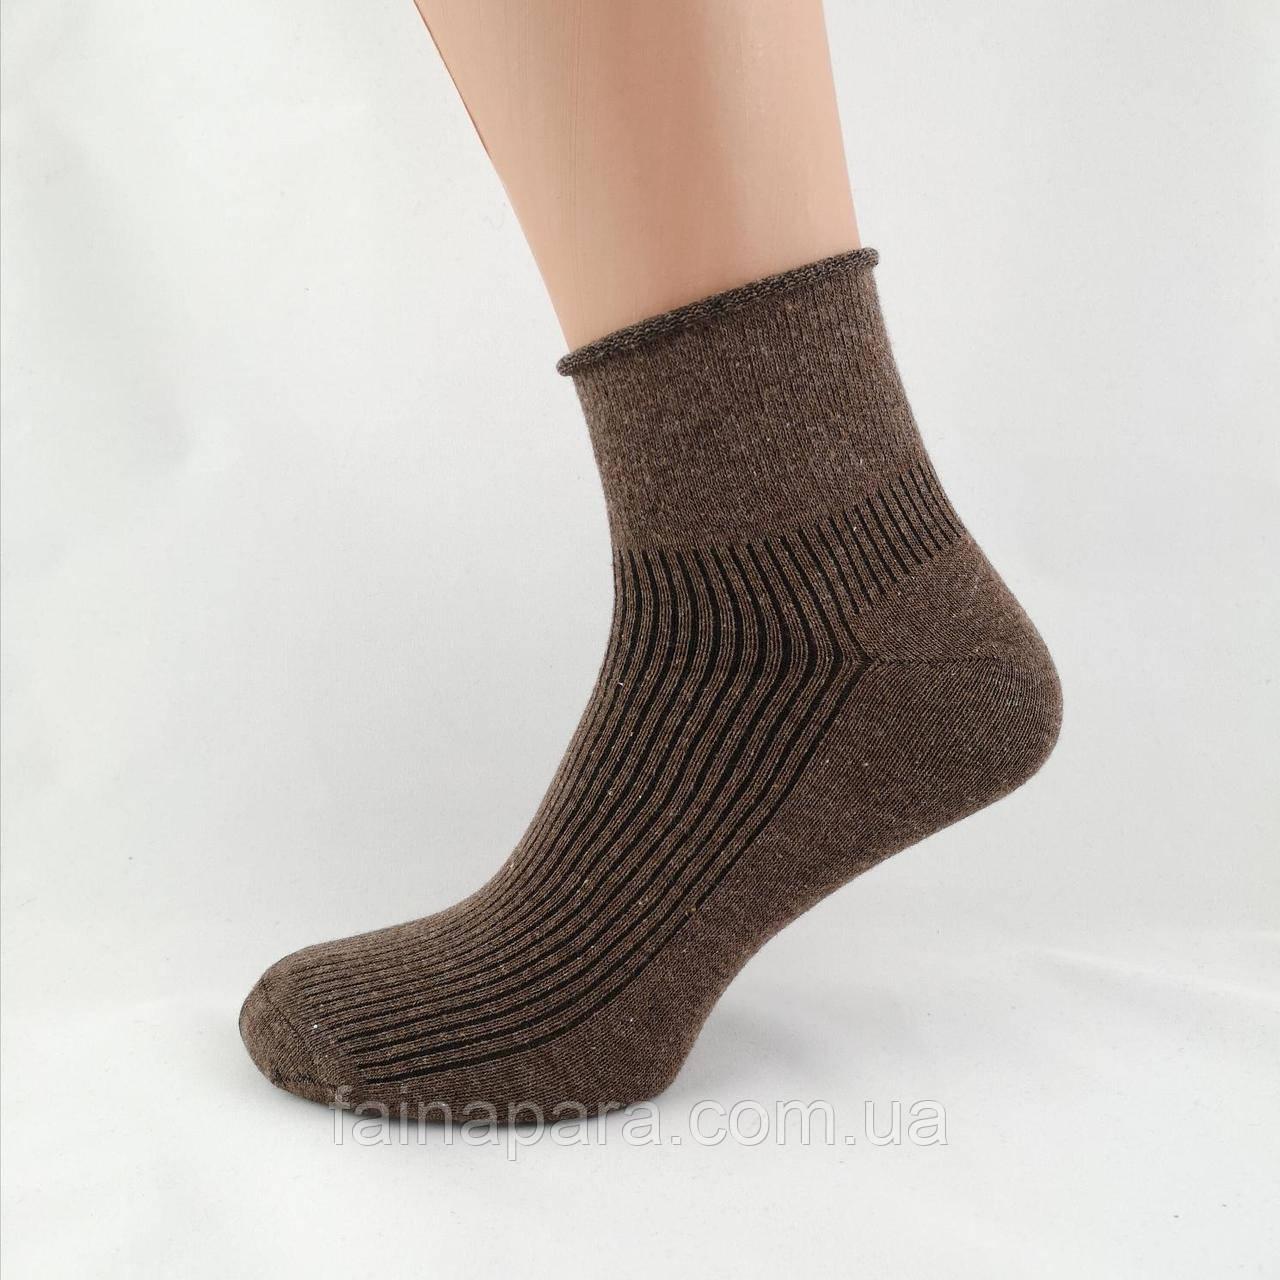 Мужские хлопковые средние  носки без резинки Calze More Турция